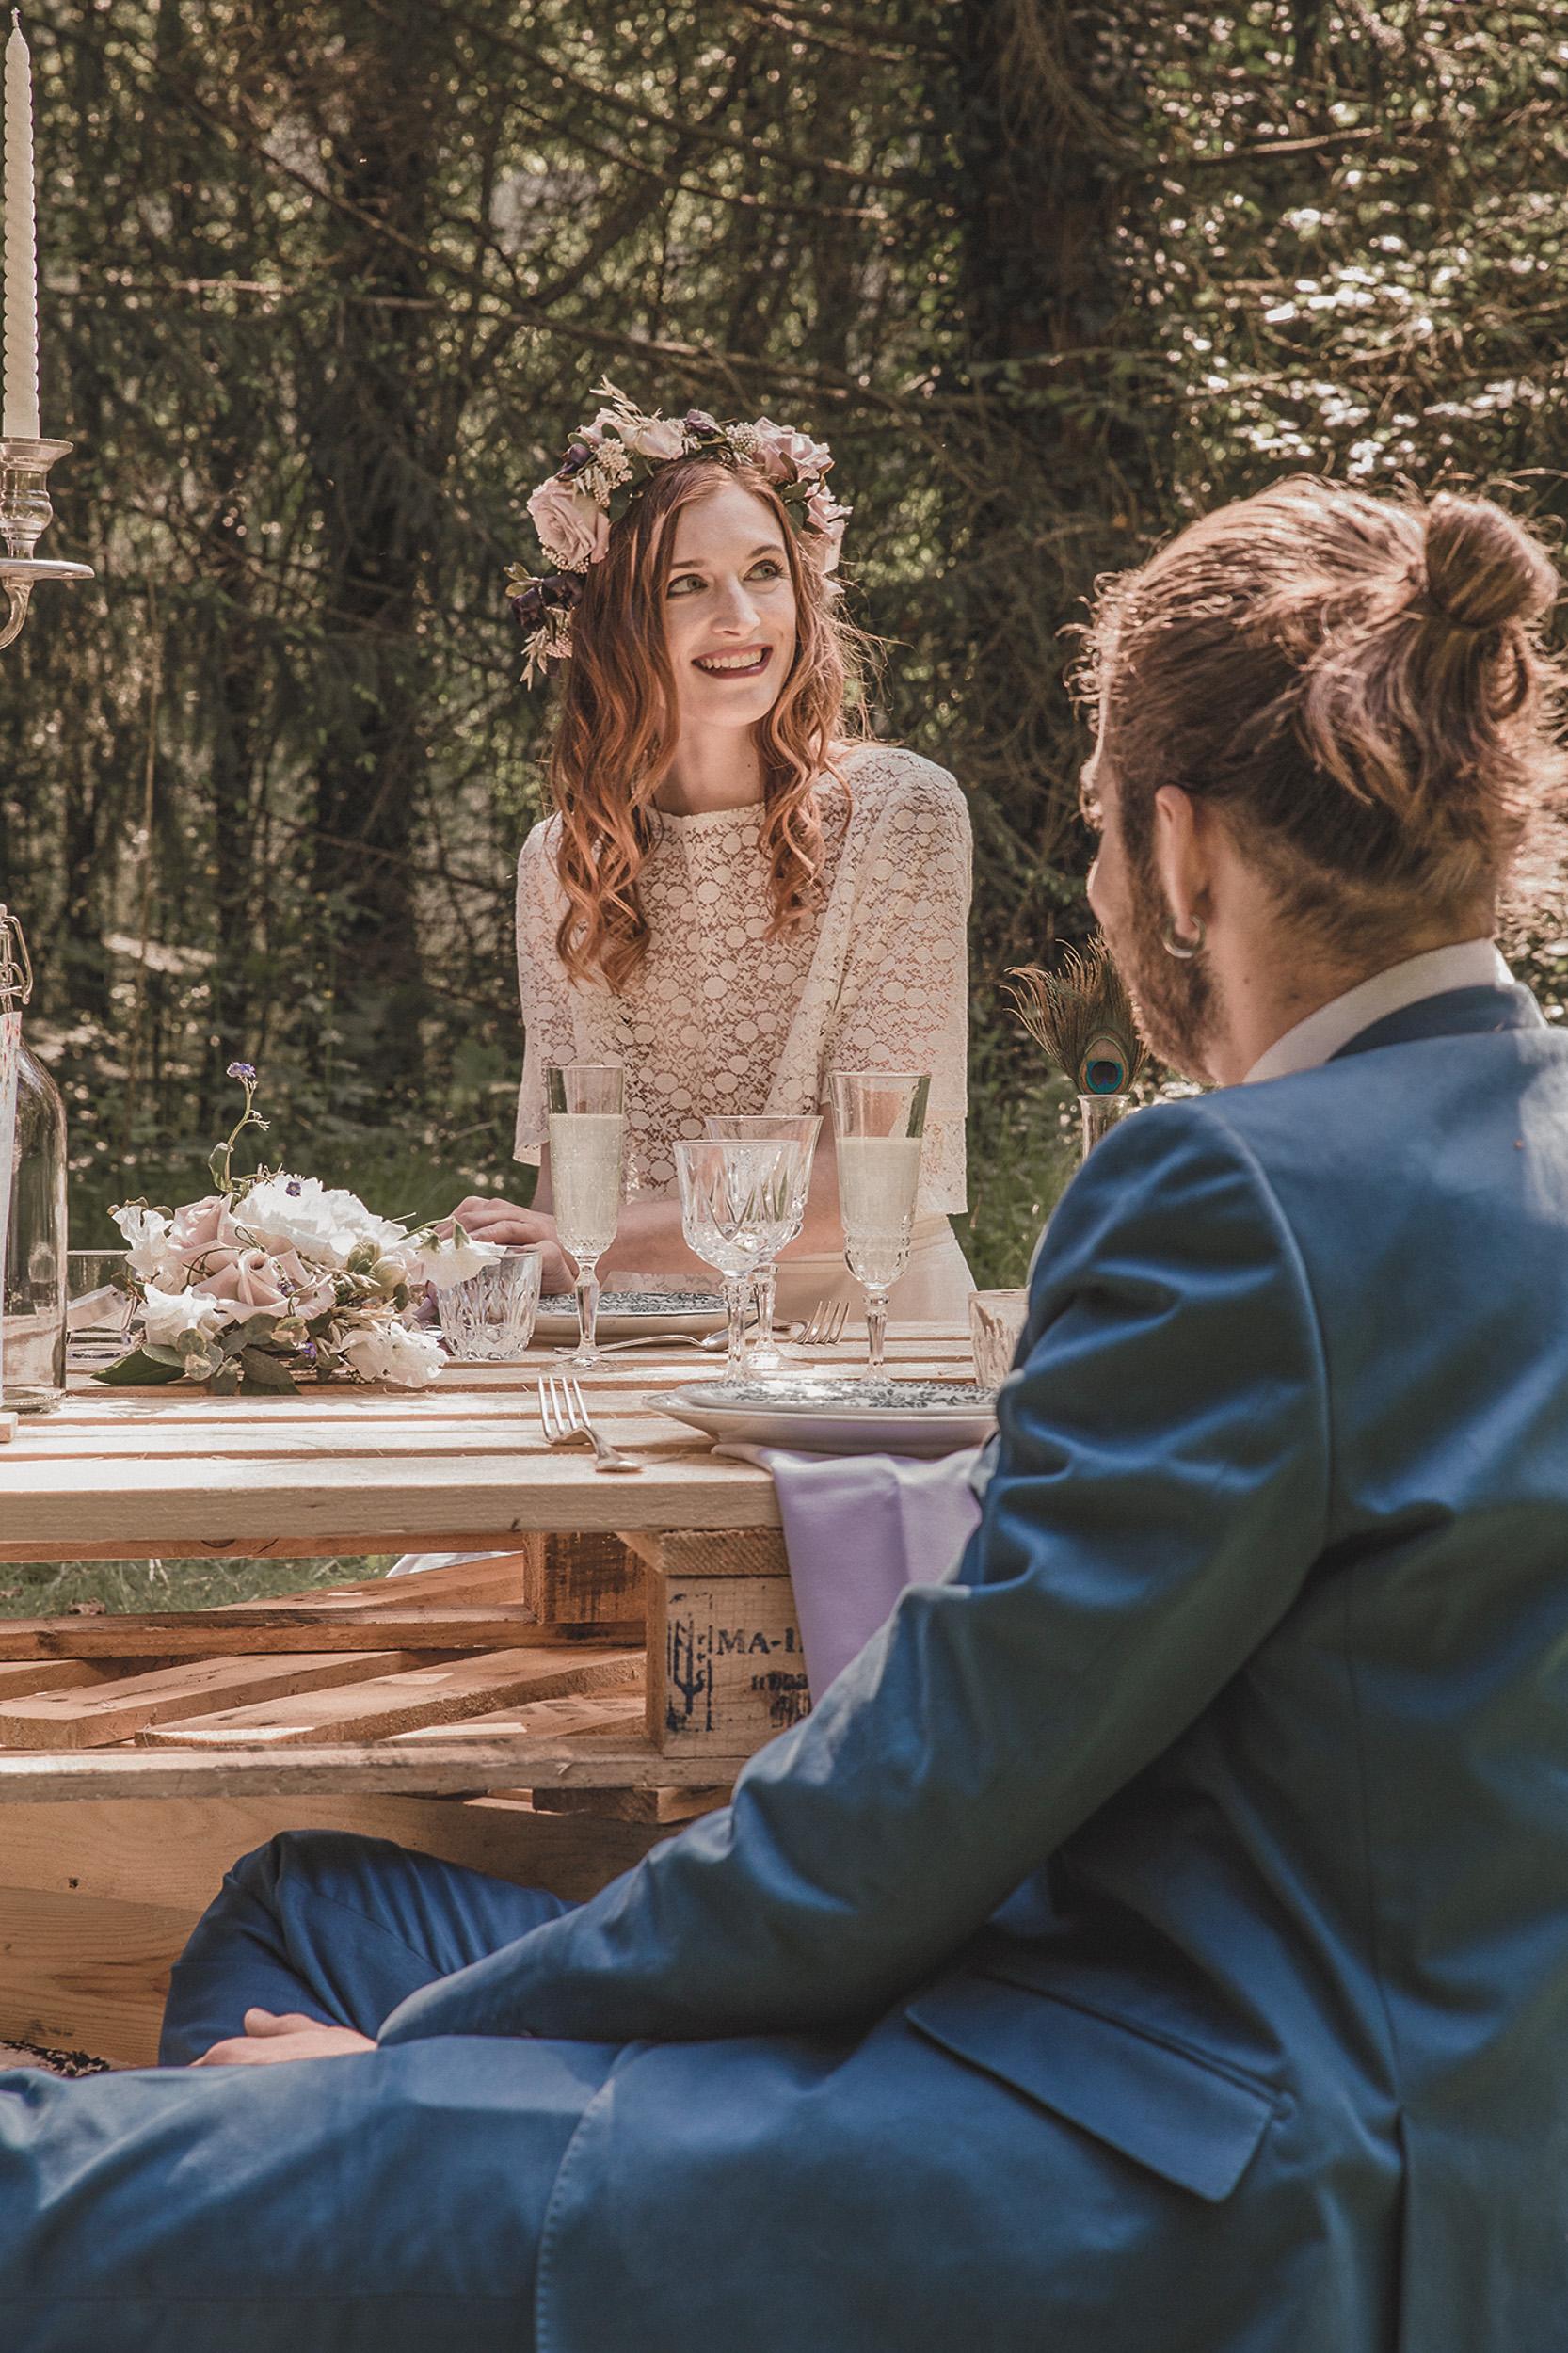 mariage boheme inspiration photographe-7